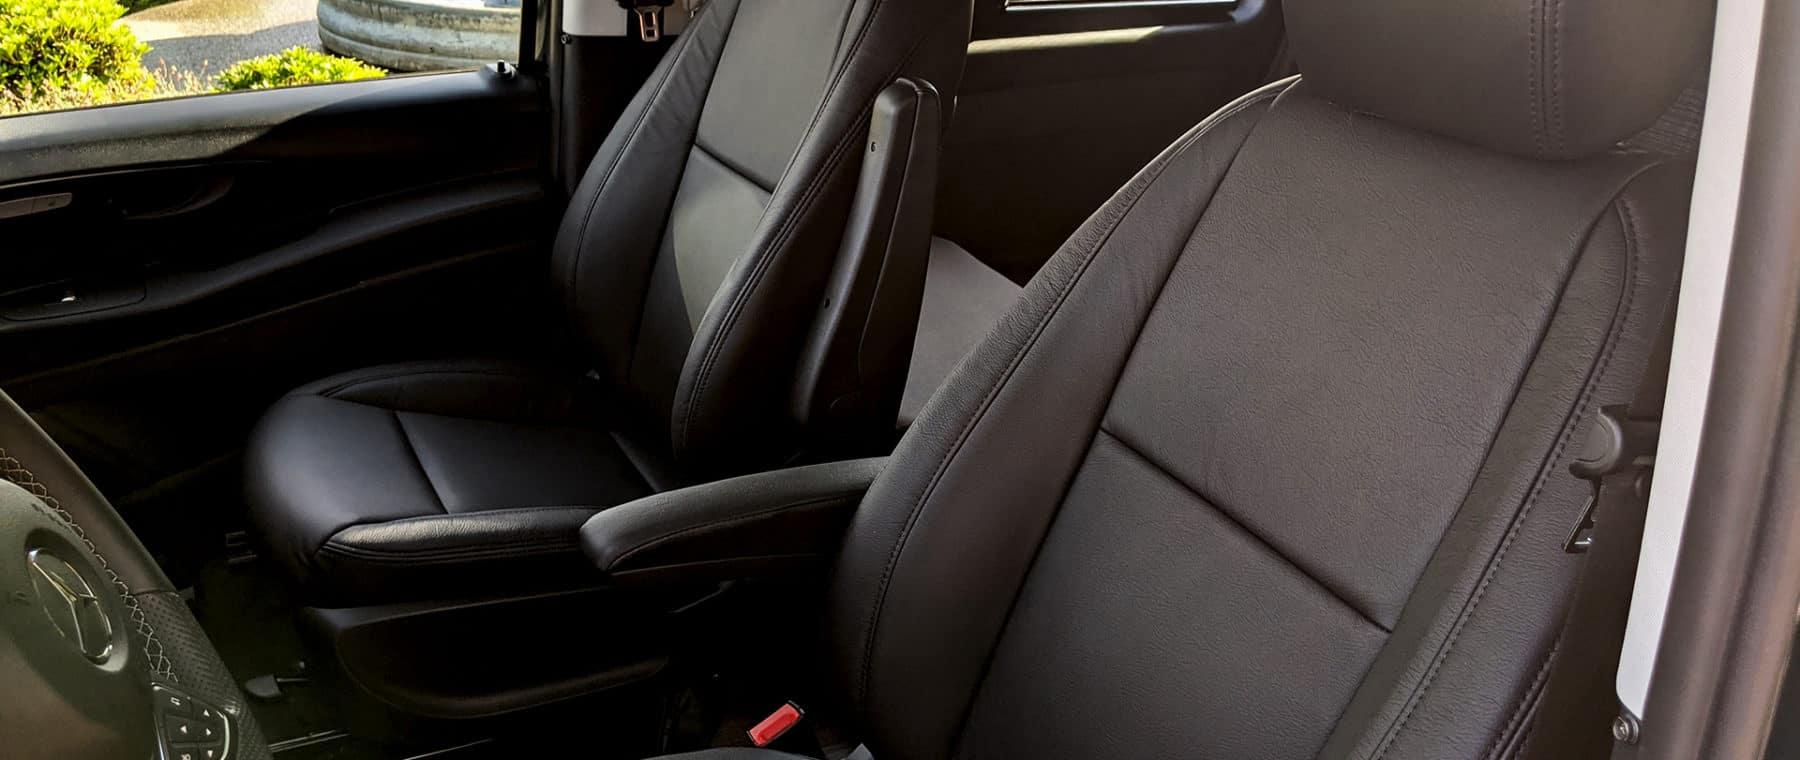 Optional Leather Seats for Backroad Camper Van